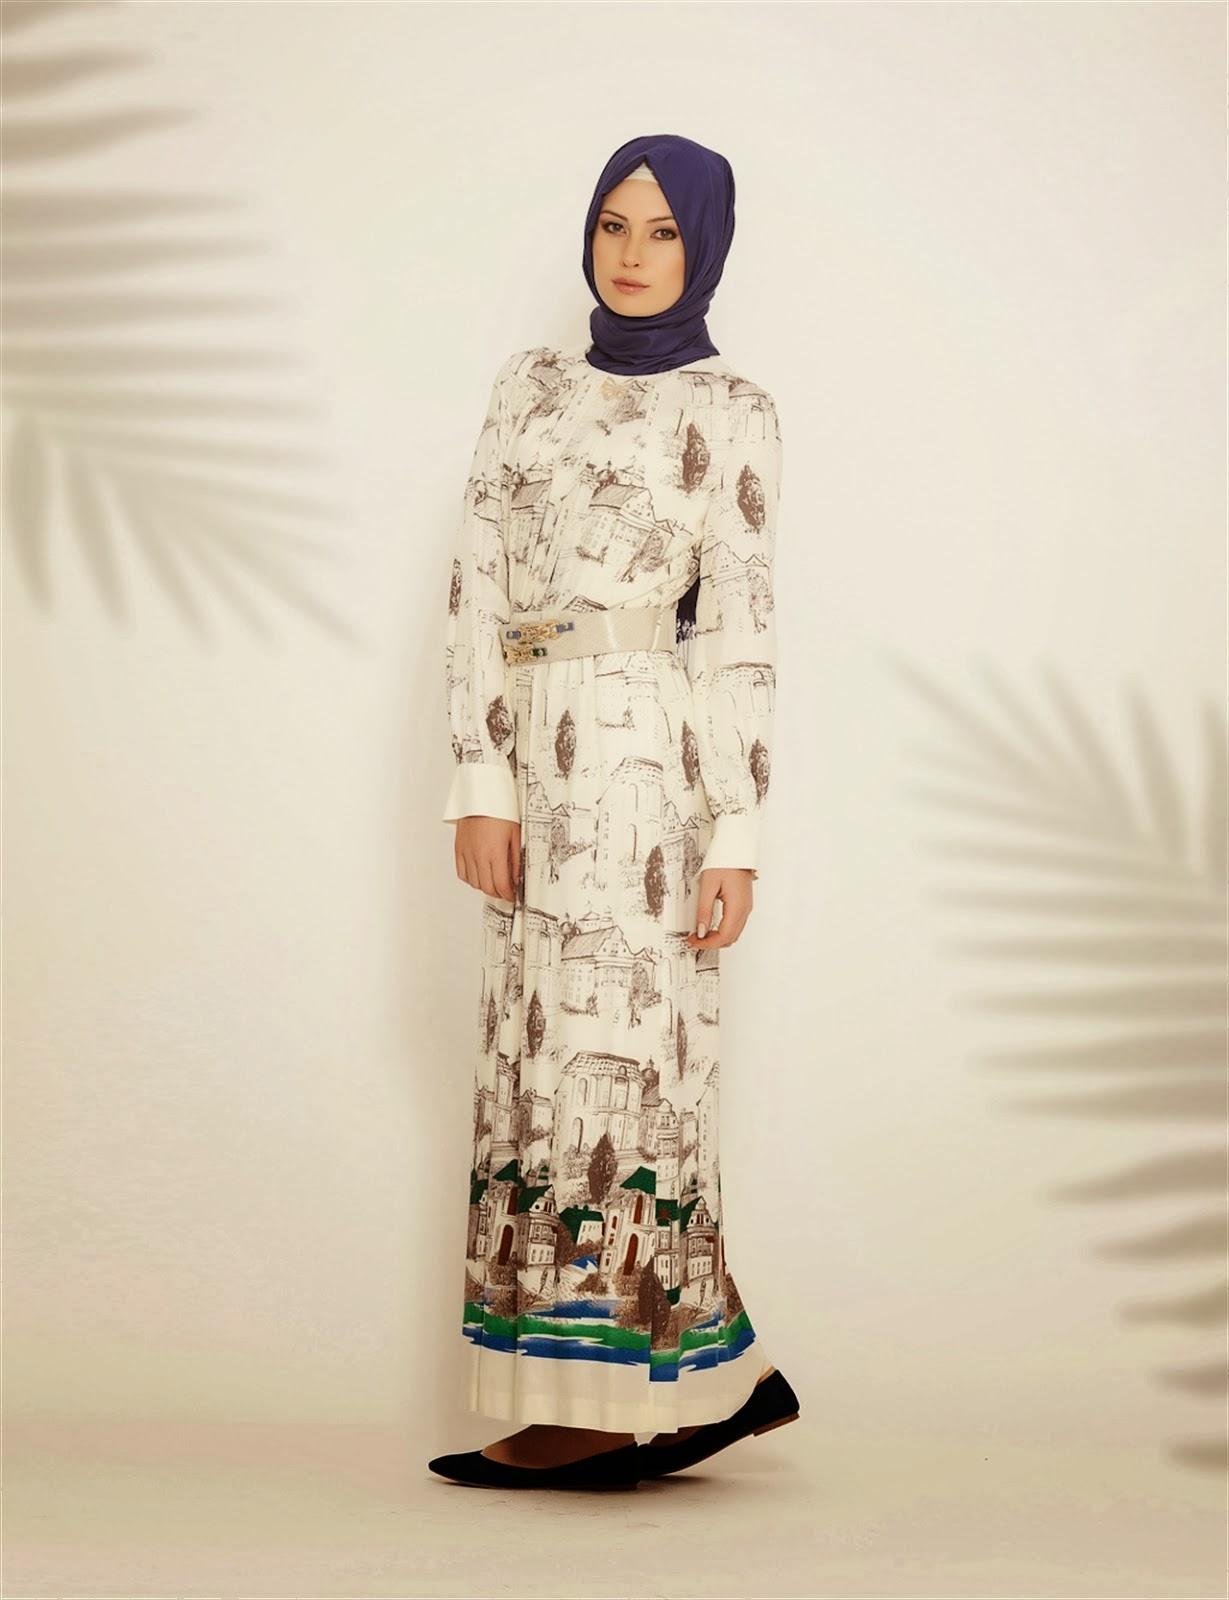 صوره ملابس محجبات مميزة 2018 ازياء للبنات المحجبات 2018